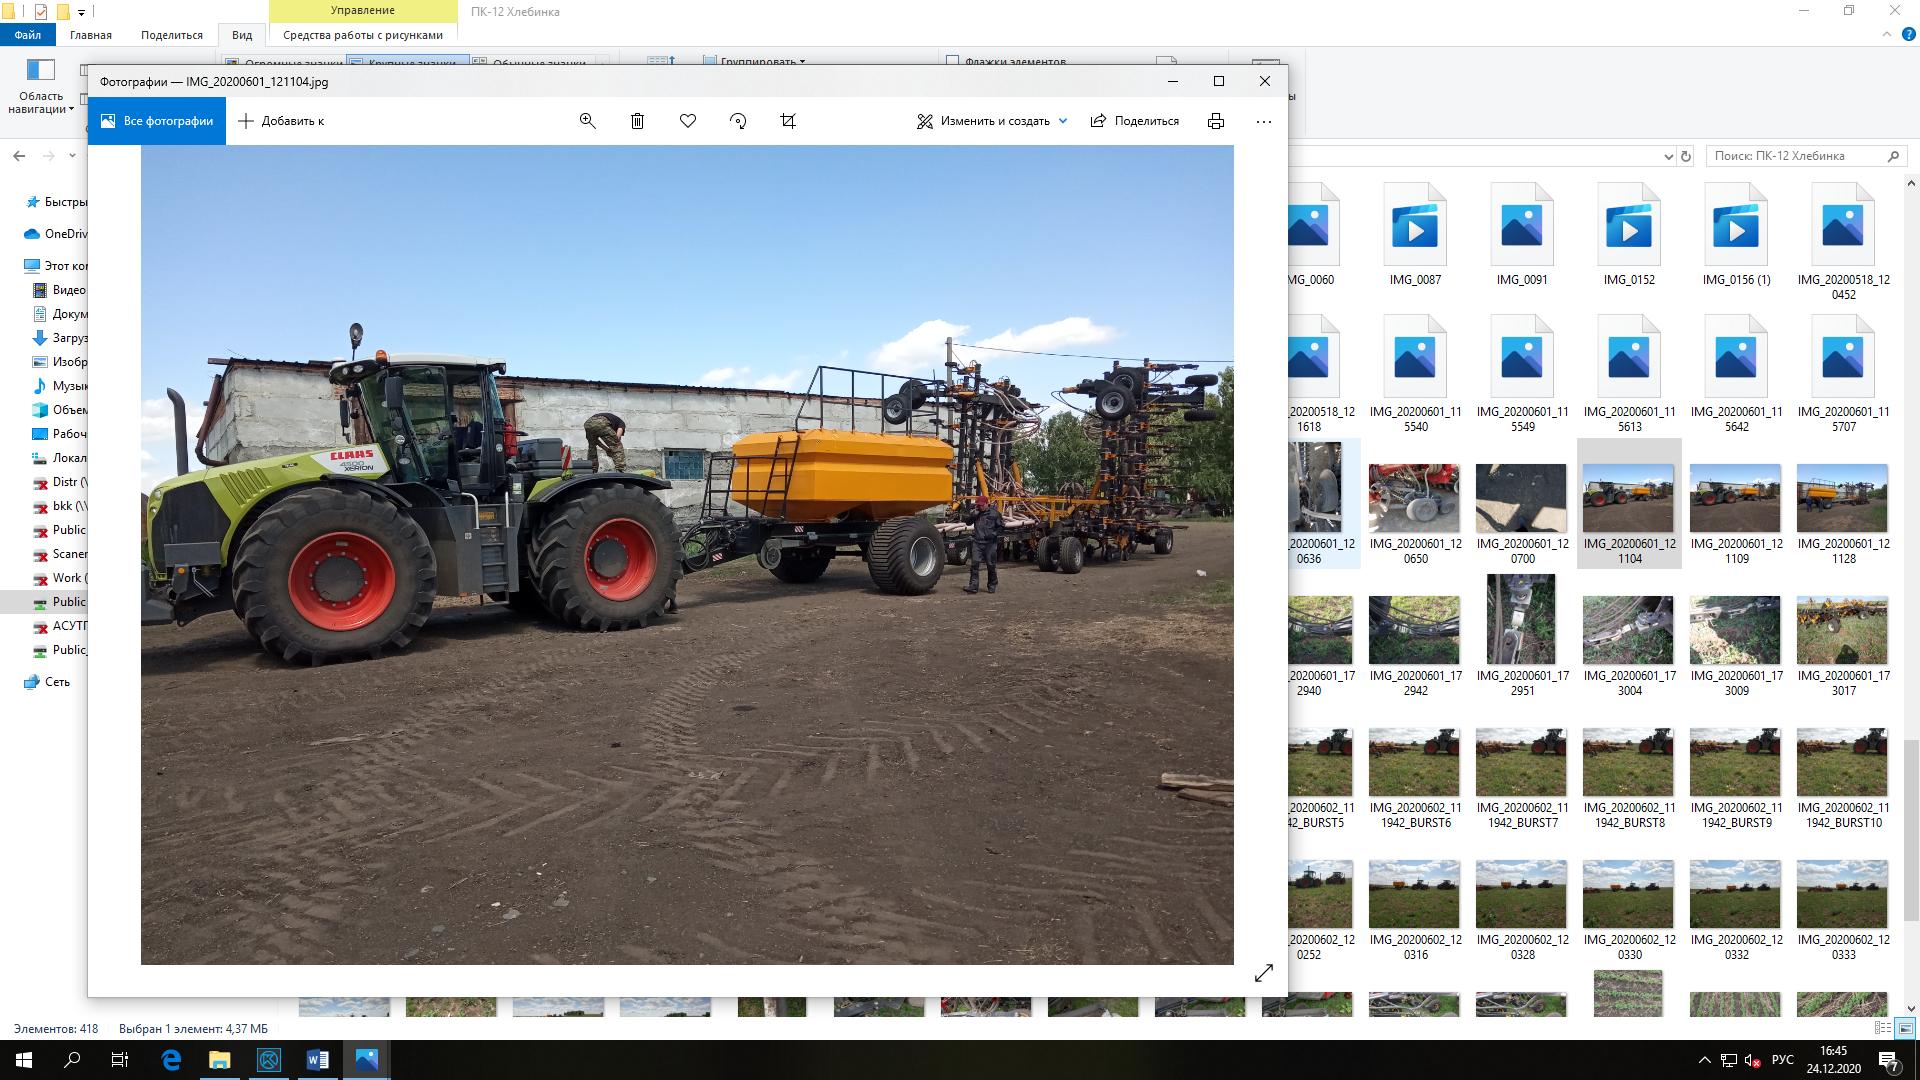 word image 1216 Разработка конструктивной схемы и обоснование параметров почвообрабатывающего посевного агрегата с пневматическим высевом семян для тракторов класса тяги 5